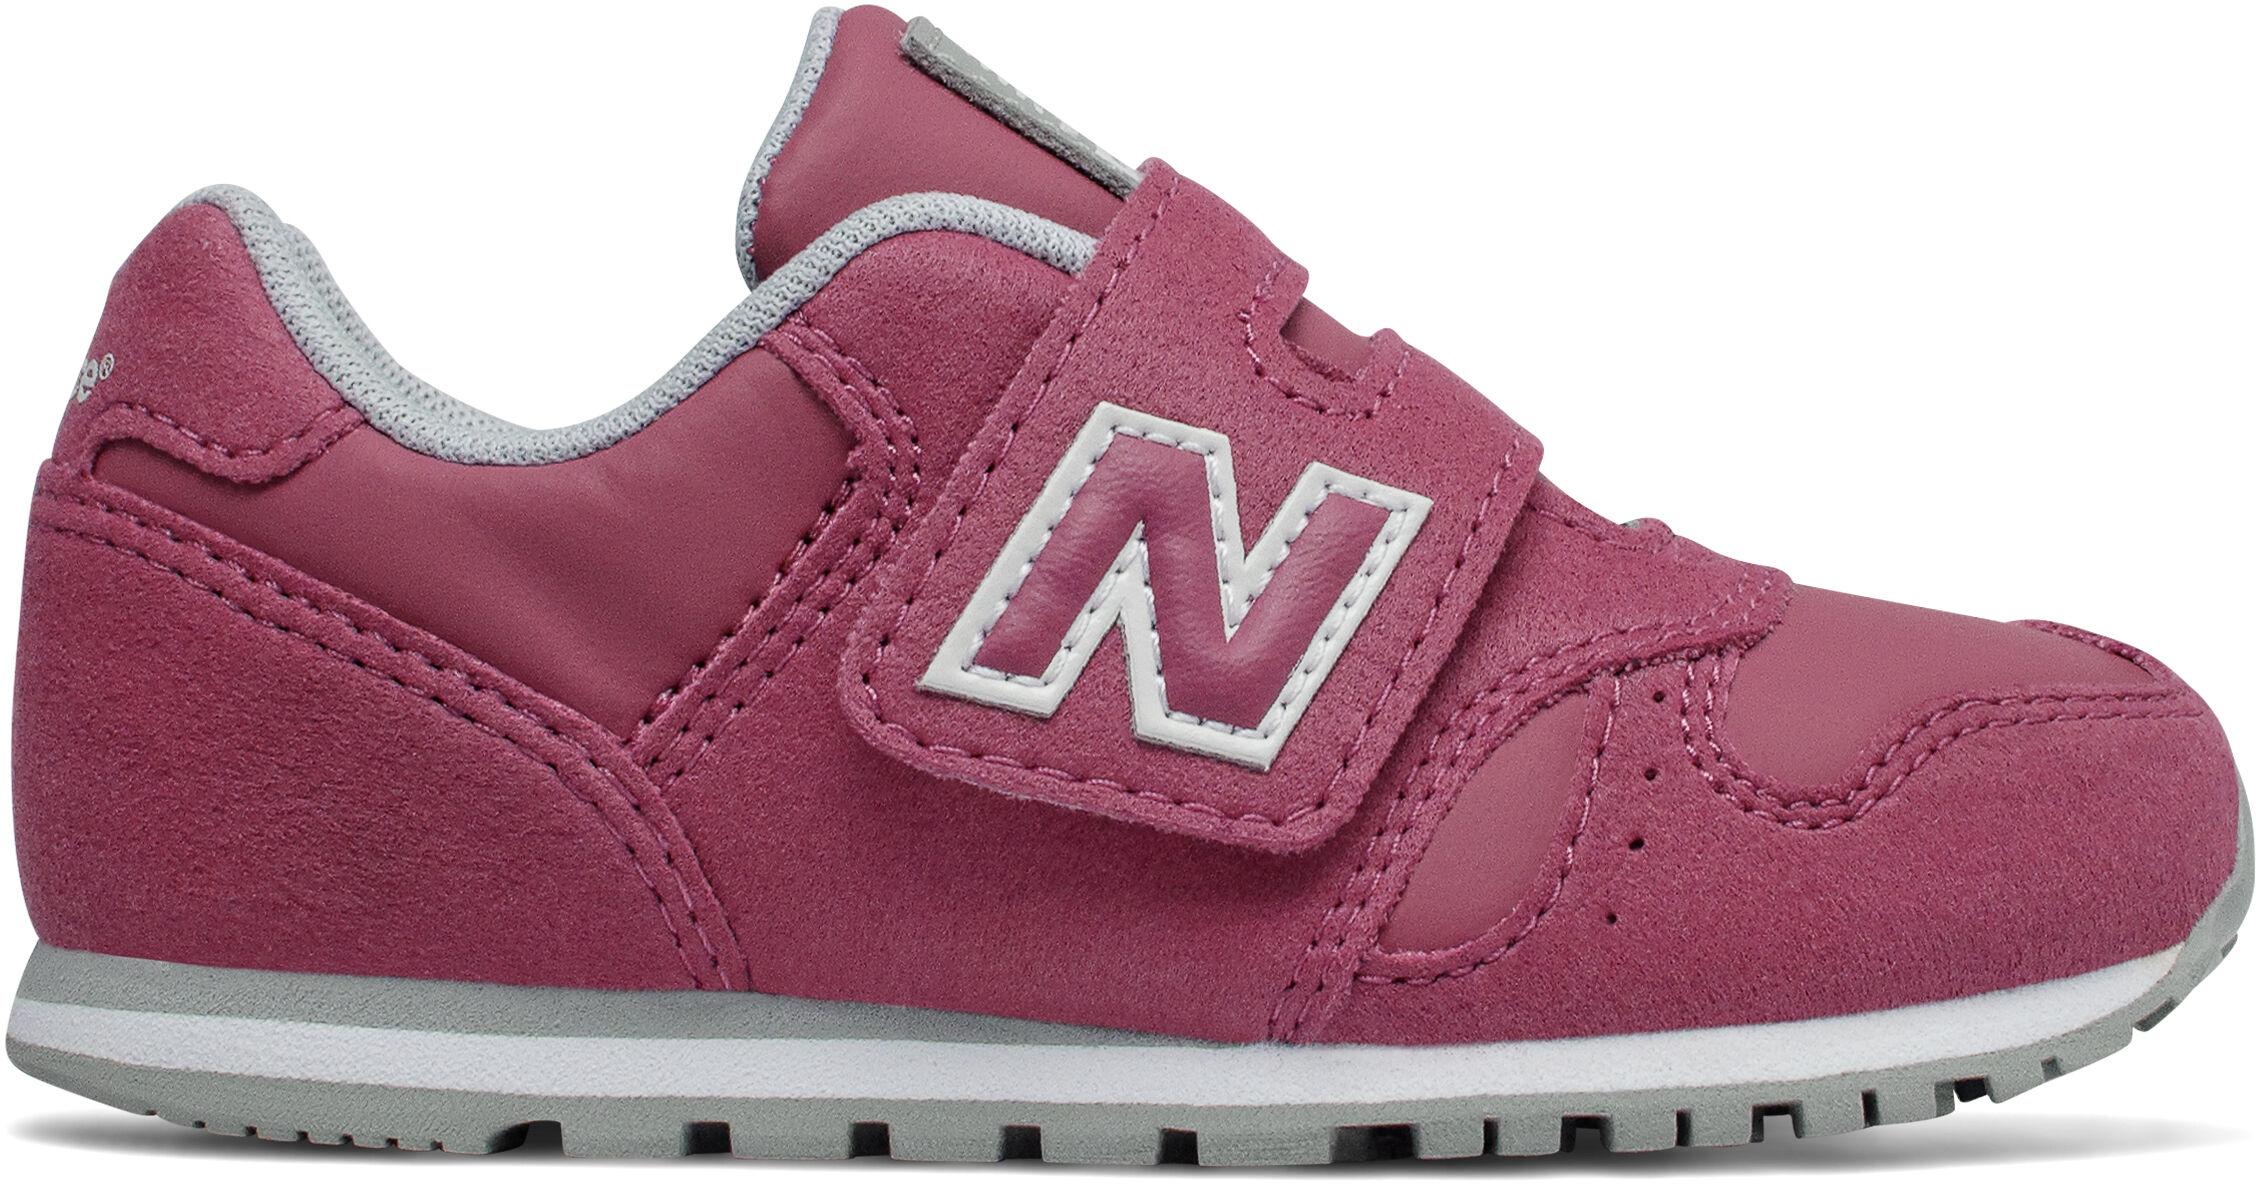 Precios de sneakers Intersport New Balance niño y niña